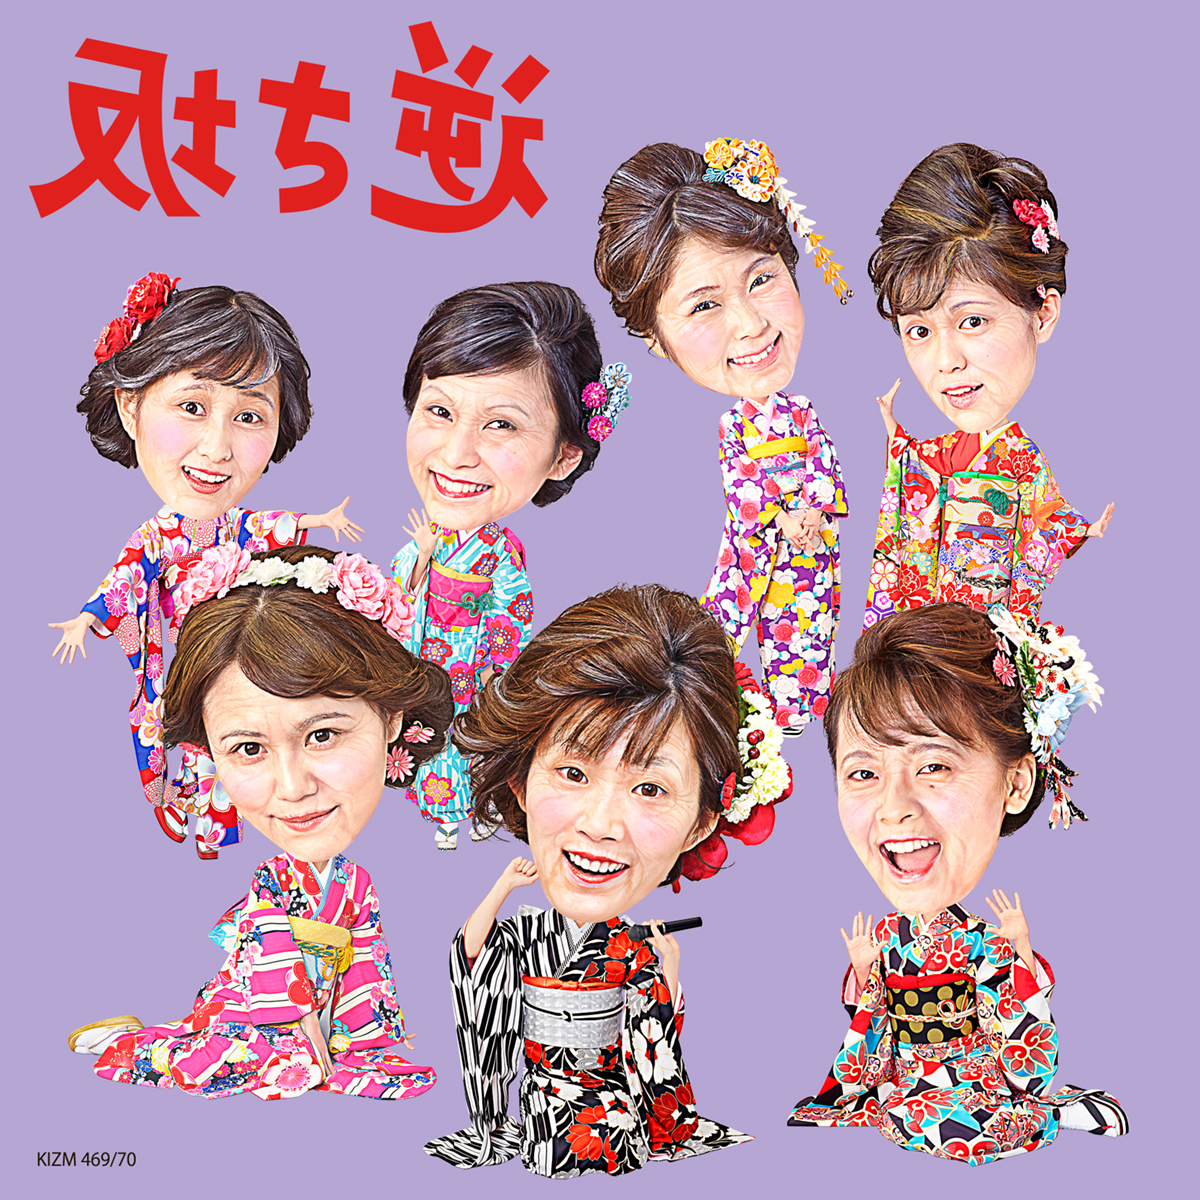 逆さ坂 | TAKAKOSANO.COM retouc...